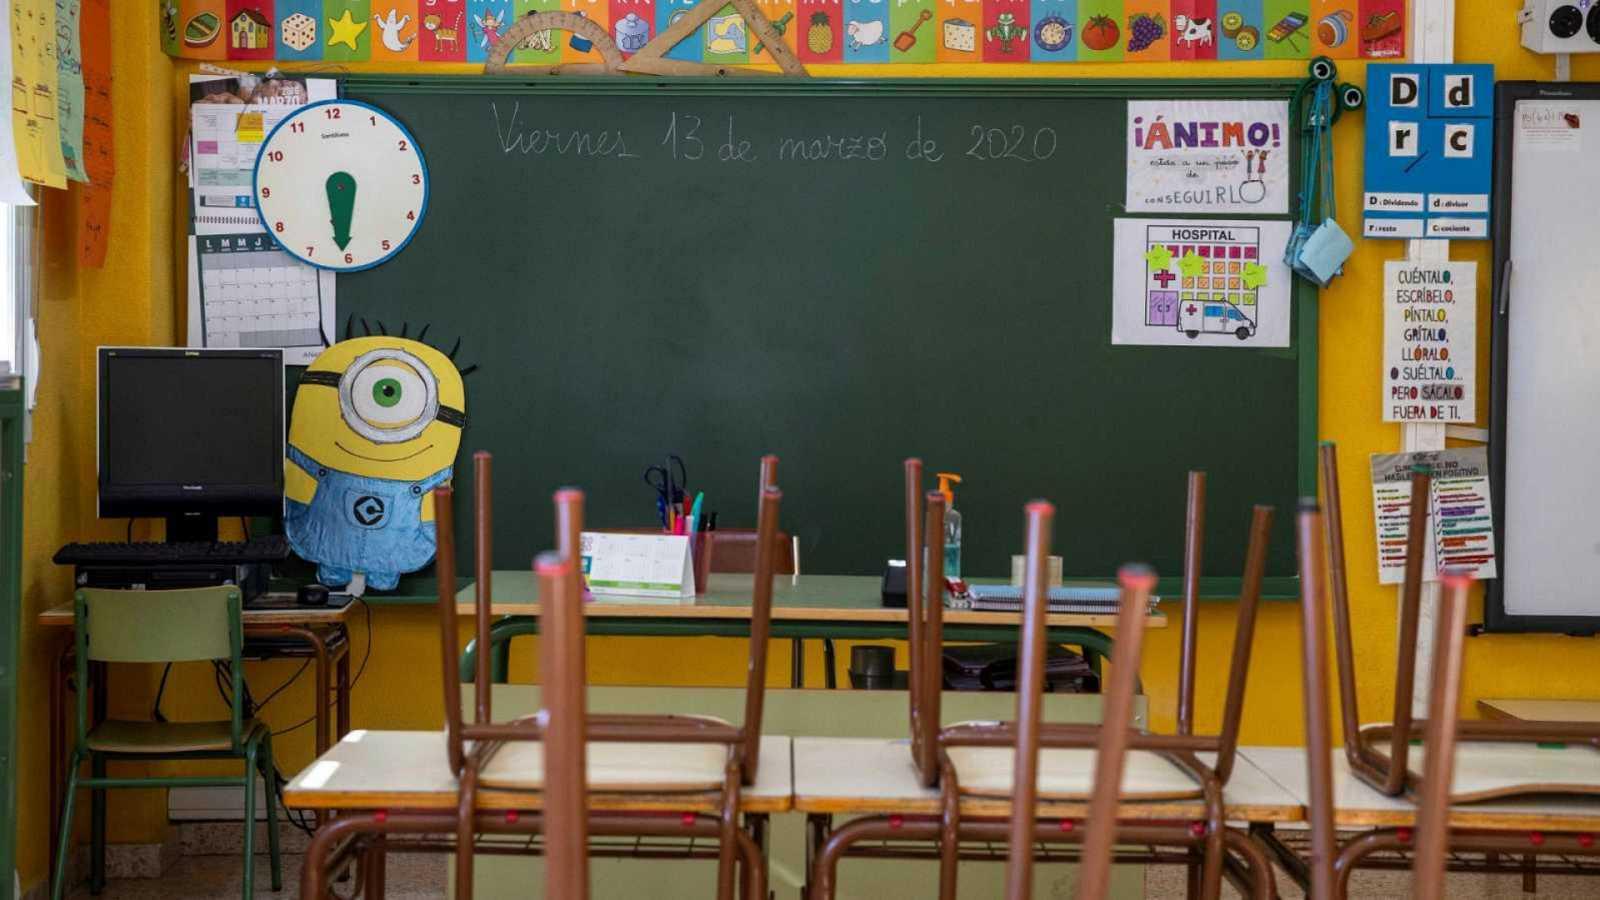 Educar para la paz - Fin de curso marcado por el coronavirus - 23/06/20 - escuchar ahora